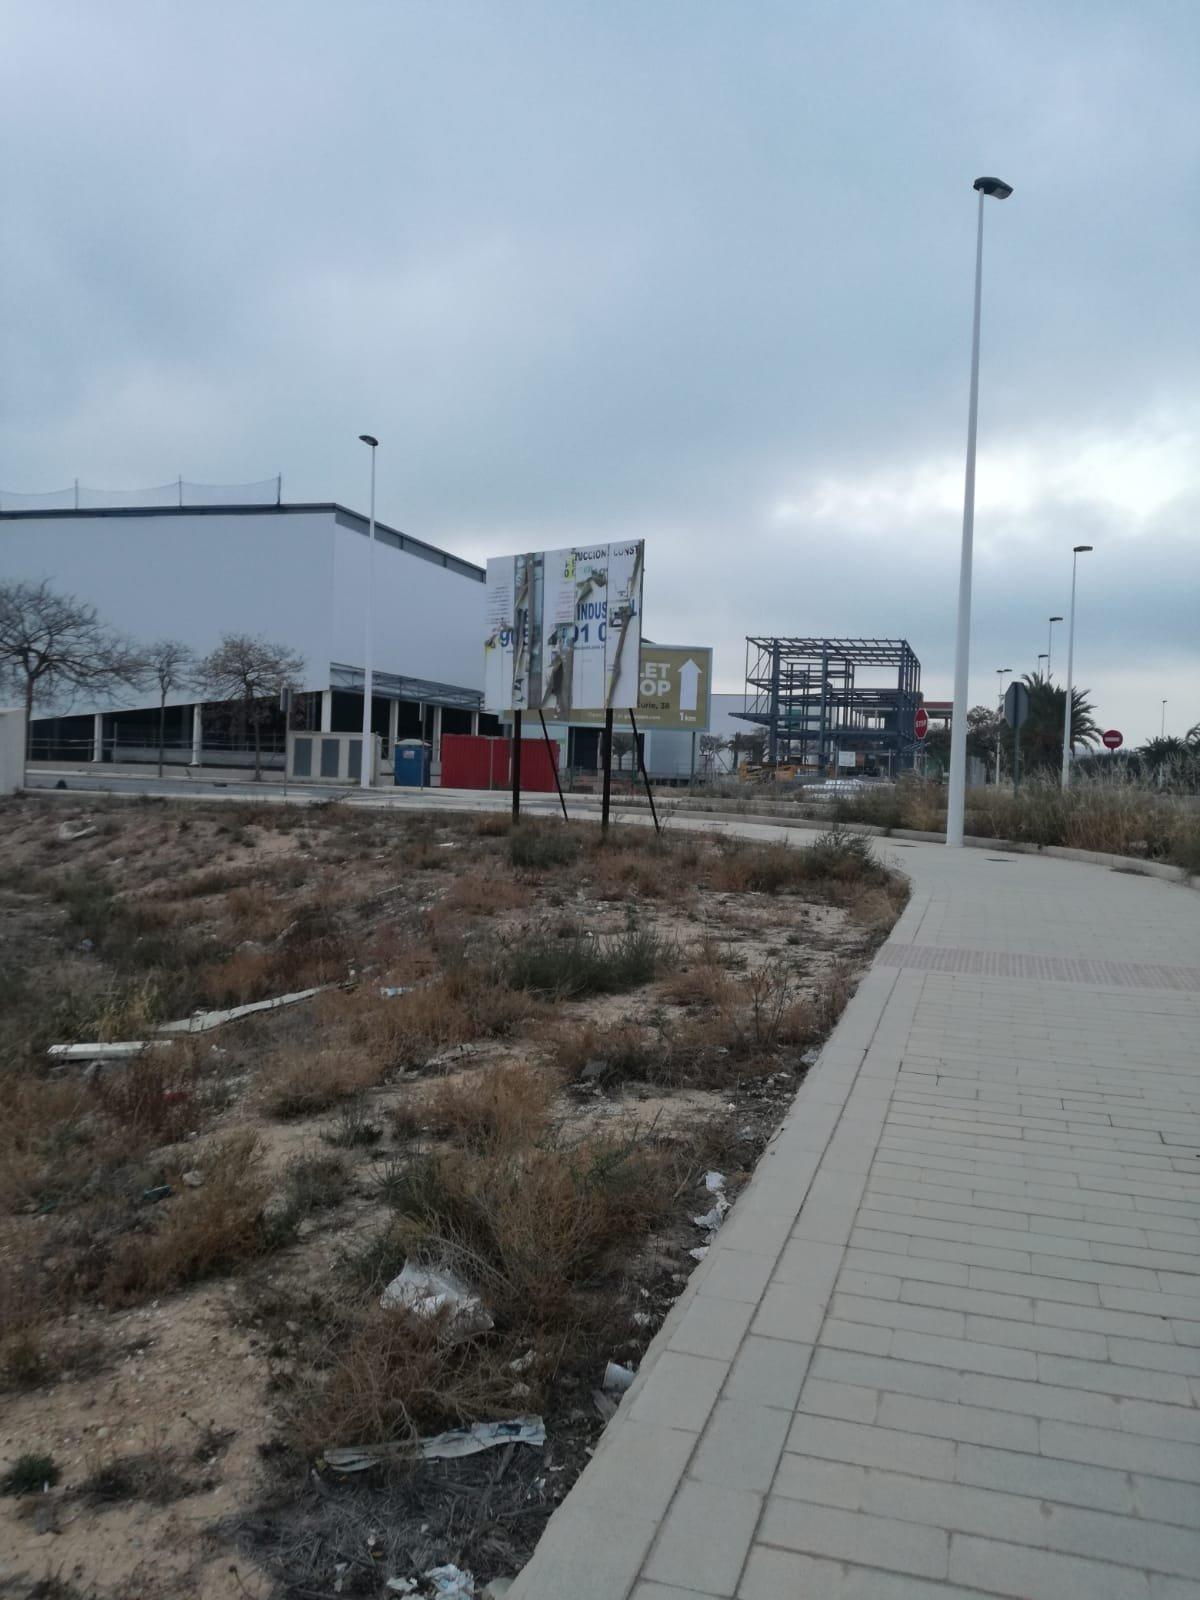 PARCELA  EN EL PARQUE INDUSTRIAL DE TORRELLANO IDEAL PARA CONSTRUCCION DE NAVE CON MODULO DE IMAGEN